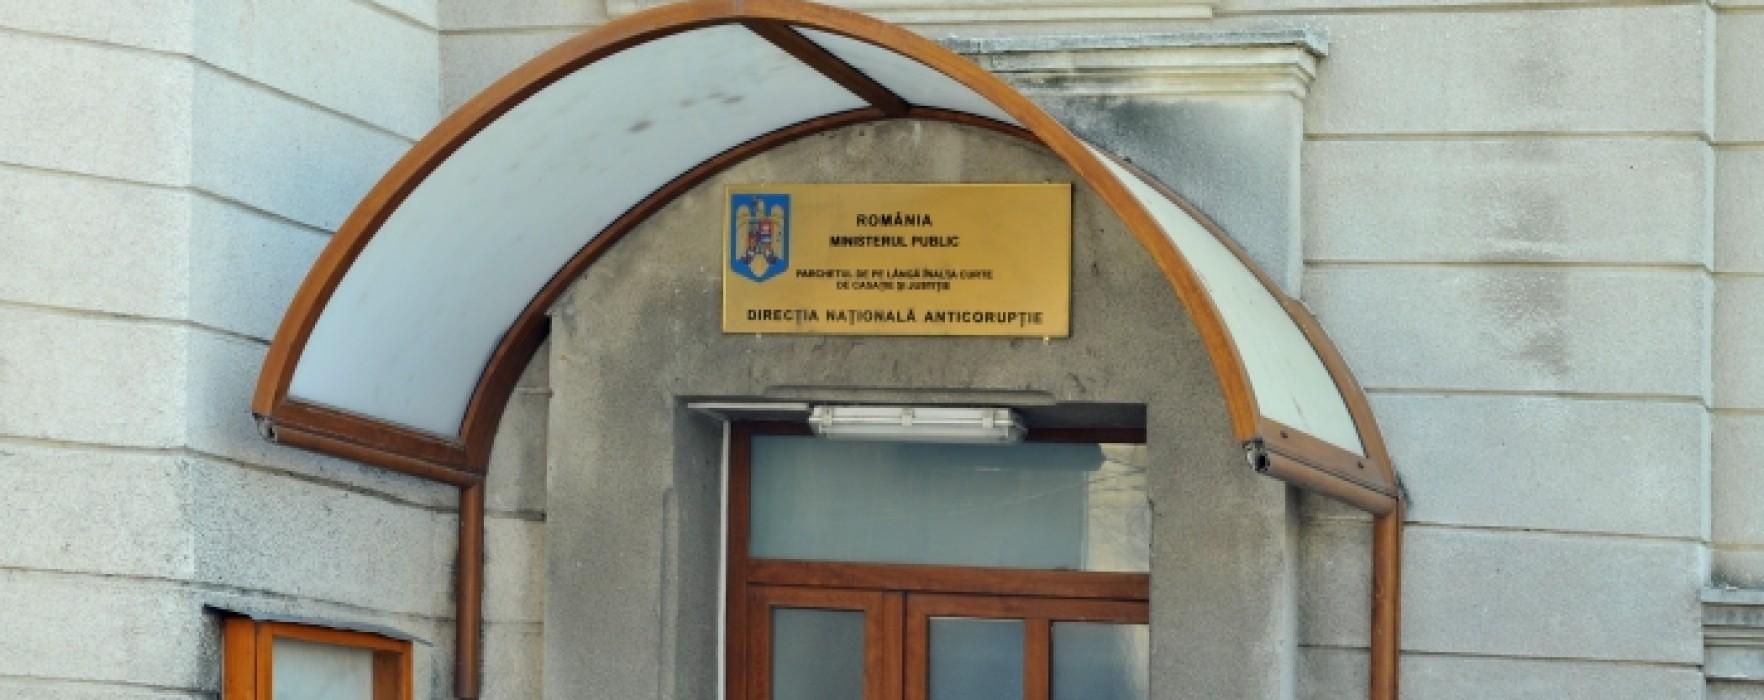 DNA: Fosta şefă a Judecătoriei Răcari – Florica Mihalcea, trimisă în judecată într-un nou dosar